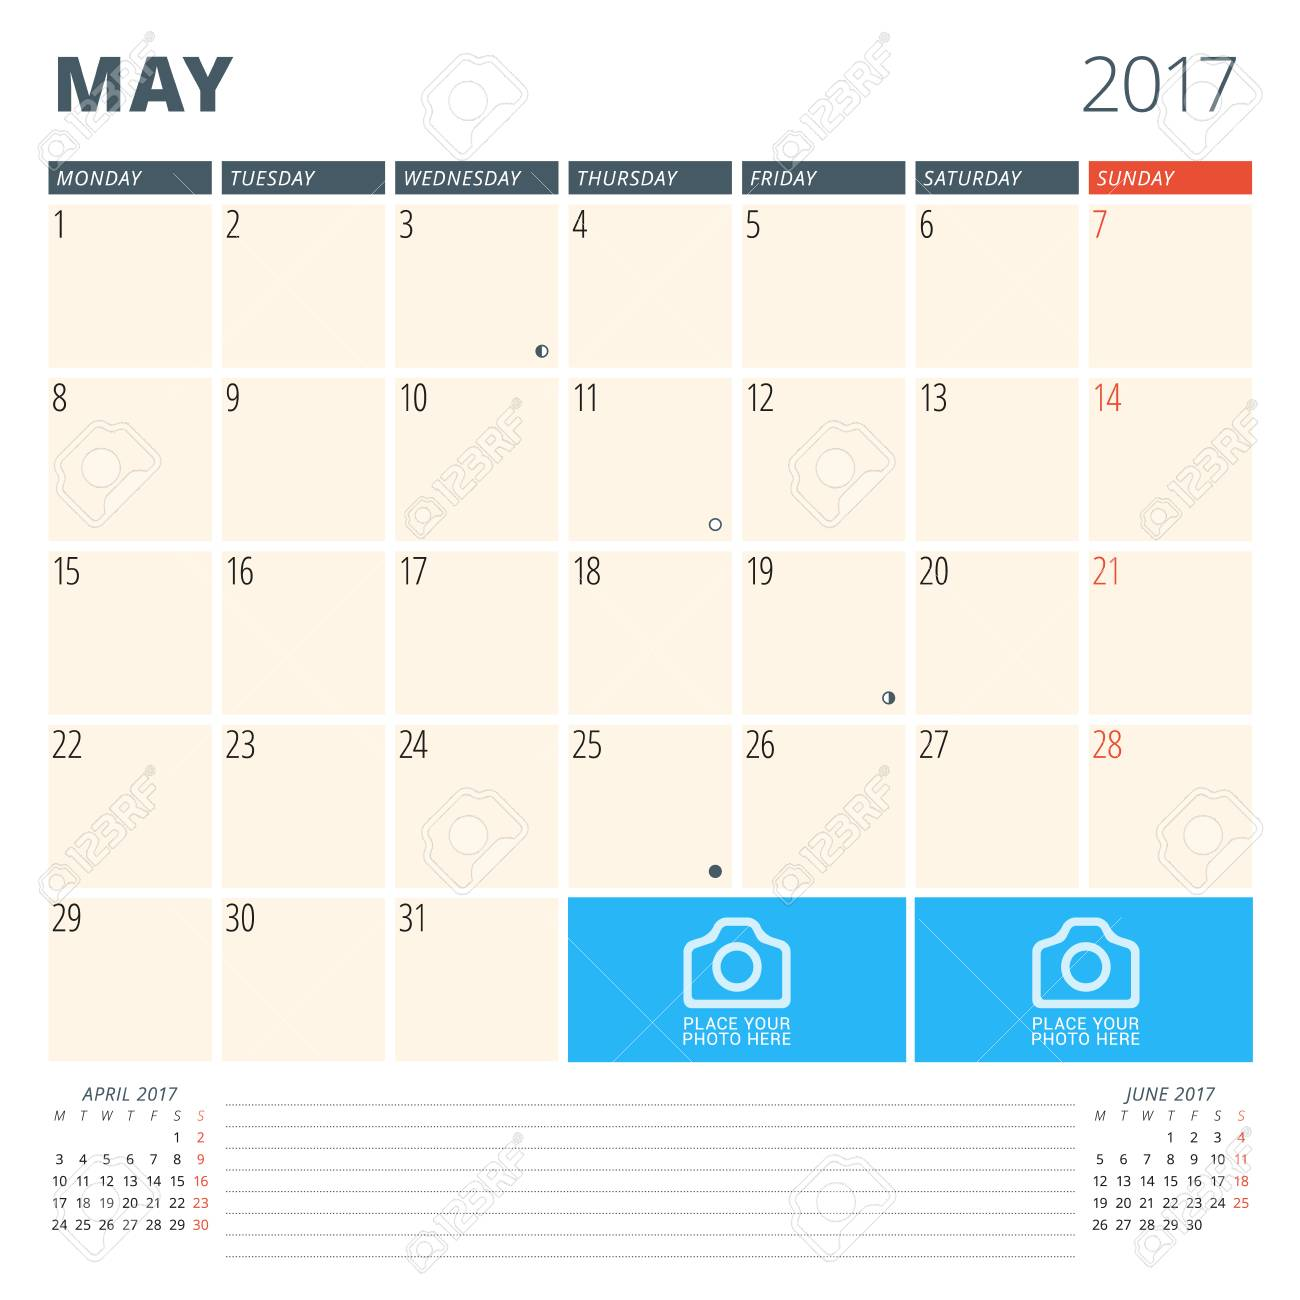 Calendario Con Note.Calendario Planner Per Il 2017 Anno Modello Di Disegno Con Posto Per Foto E Note Puo Settimana Inizia Lunedi